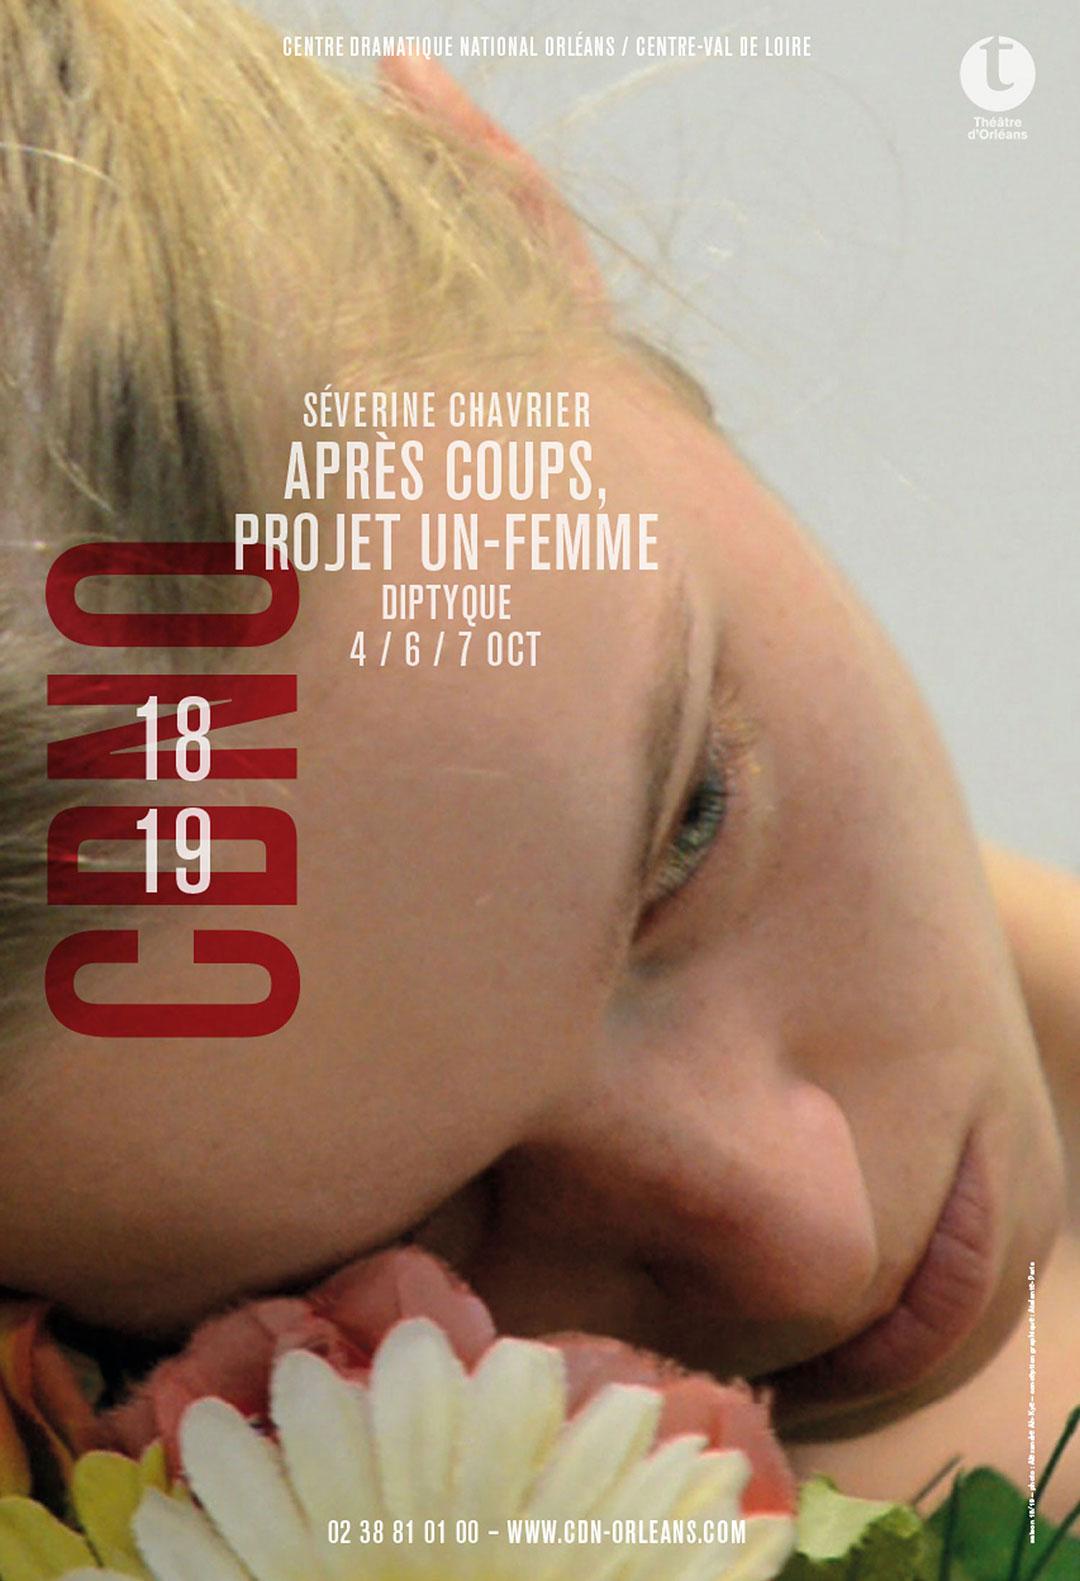 07_cdno_aff_projet_un_femme_1080